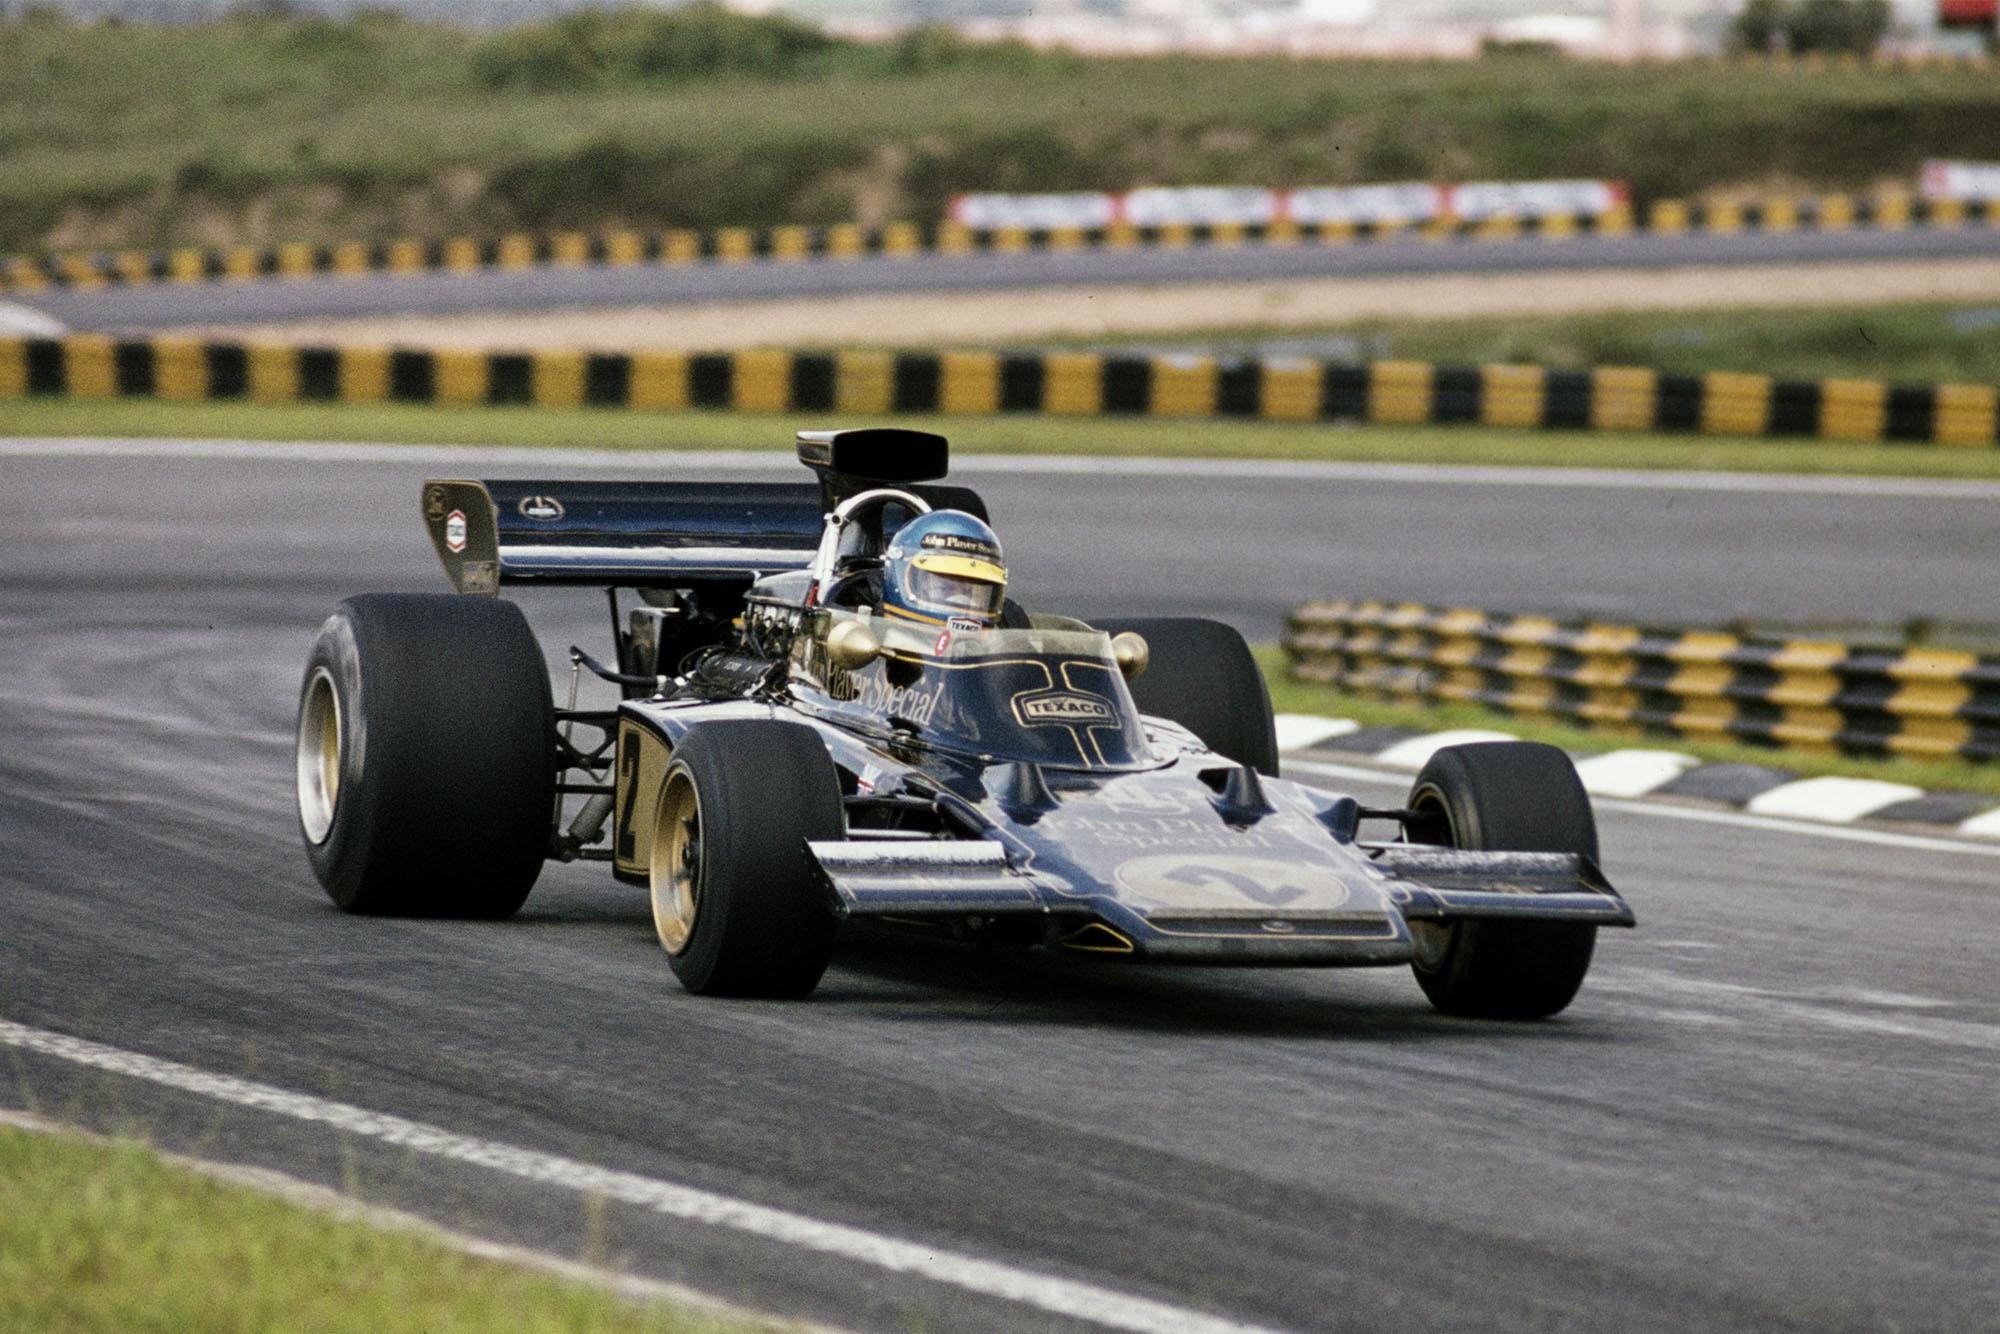 Ronnie Peterson in his Lotus at the 1973 Brazilian Grand Prix, Interlagos.